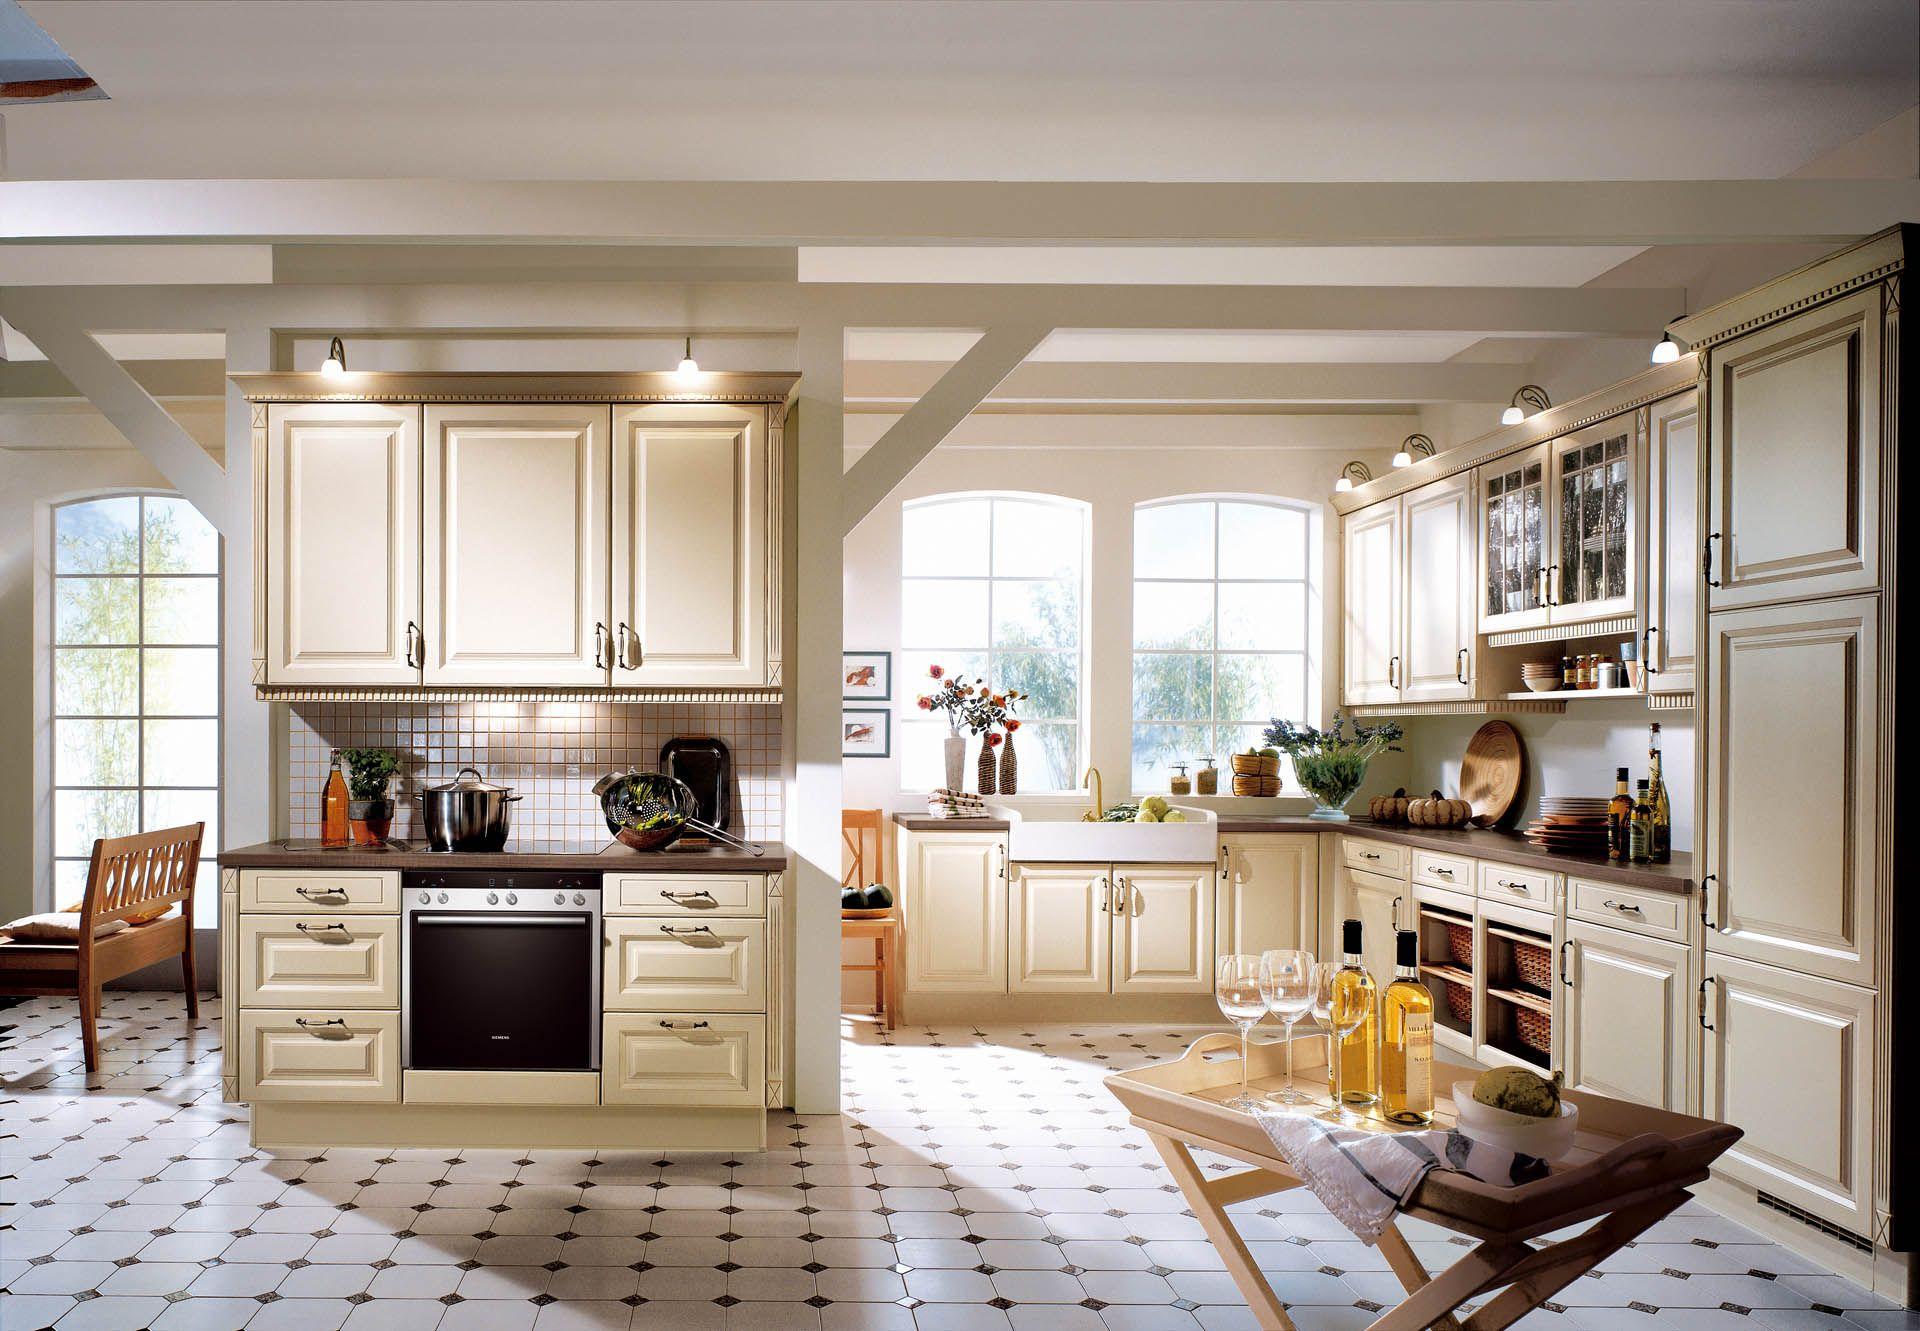 Küche auf französisch  Bildergebnis für landhausküche französisch-mediterran | Küche ...